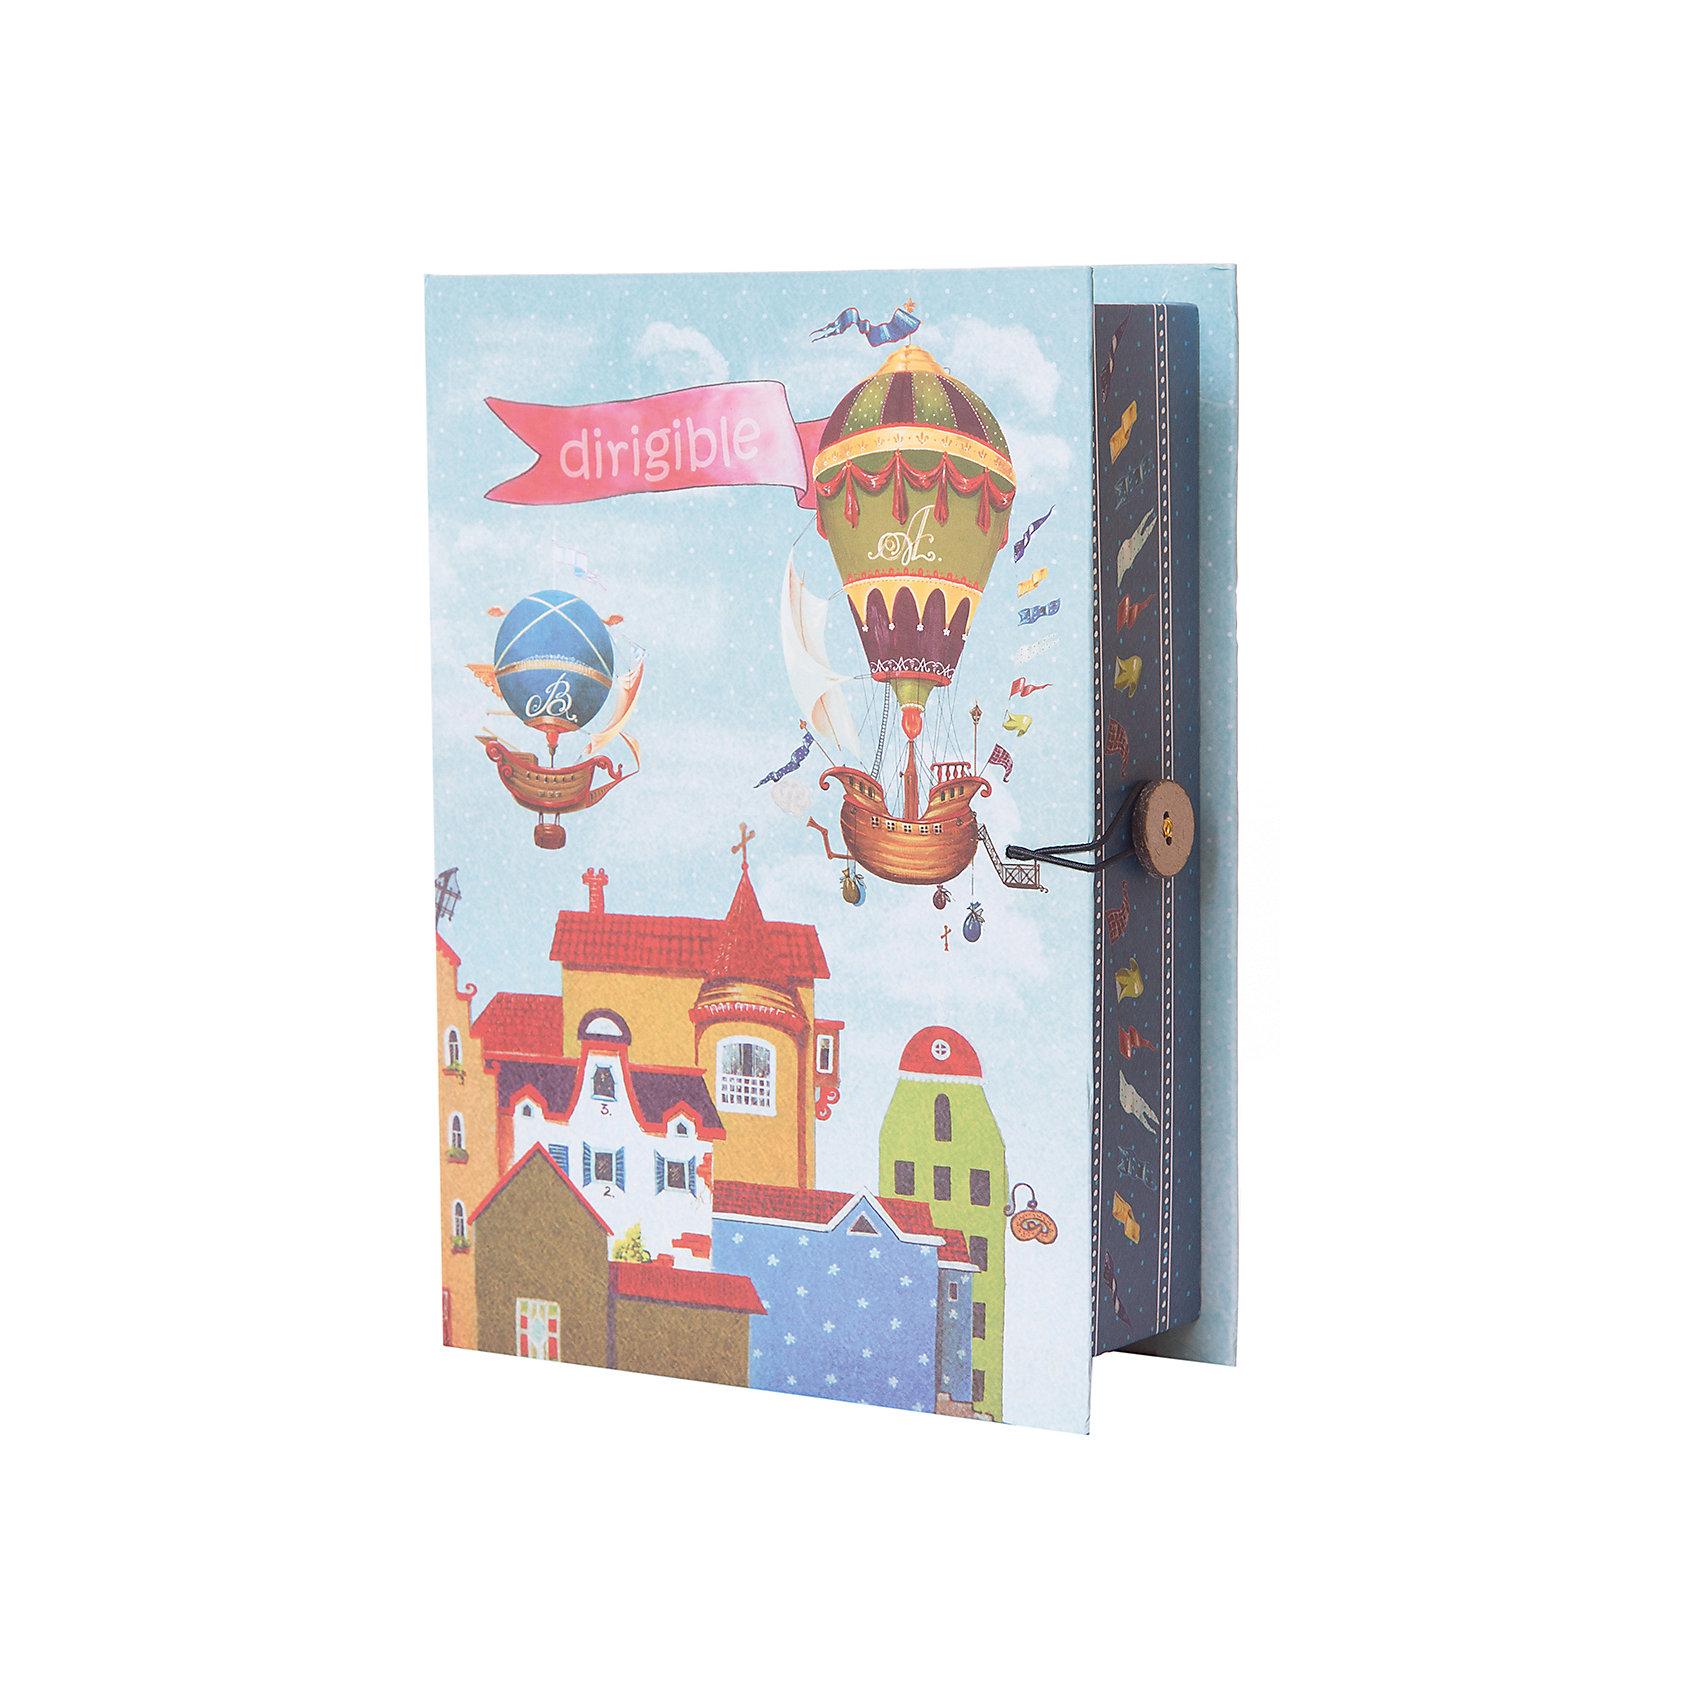 Коробка подарочная Дирижабли в лето, Феникс-ПрезентПредметы интерьера<br>Коробка подарочная Дирижабли в лето, Феникс-Презент<br><br>Характеристики:<br><br>• яркий дизайн<br>• застегивается на пуговицу<br>• рисунок с внутренней и наружной стороны<br>• изготовлена из мелованного, ламинированного негофрированного картона<br>• плотность: 1100 г/м2<br>• размер: 20х14х6 см<br><br>Подарочная коробка Дирижабли в лето отлично подходит для оригинальной упаковки подарков. Она изготовлена из плотного картона и оформлена ярким рисунком с изображением дирижаблей. Коробка застегивается с помощью пуговицы. С такой оригинальной упаковкой получатель подарка будет в восторге!<br><br>Коробку подарочную Дирижабли в лето, Феникс-Презент вы можете купить в нашем интернет-магазине.<br><br>Ширина мм: 200<br>Глубина мм: 140<br>Высота мм: 60<br>Вес г: 178<br>Возраст от месяцев: 36<br>Возраст до месяцев: 2147483647<br>Пол: Унисекс<br>Возраст: Детский<br>SKU: 5449631